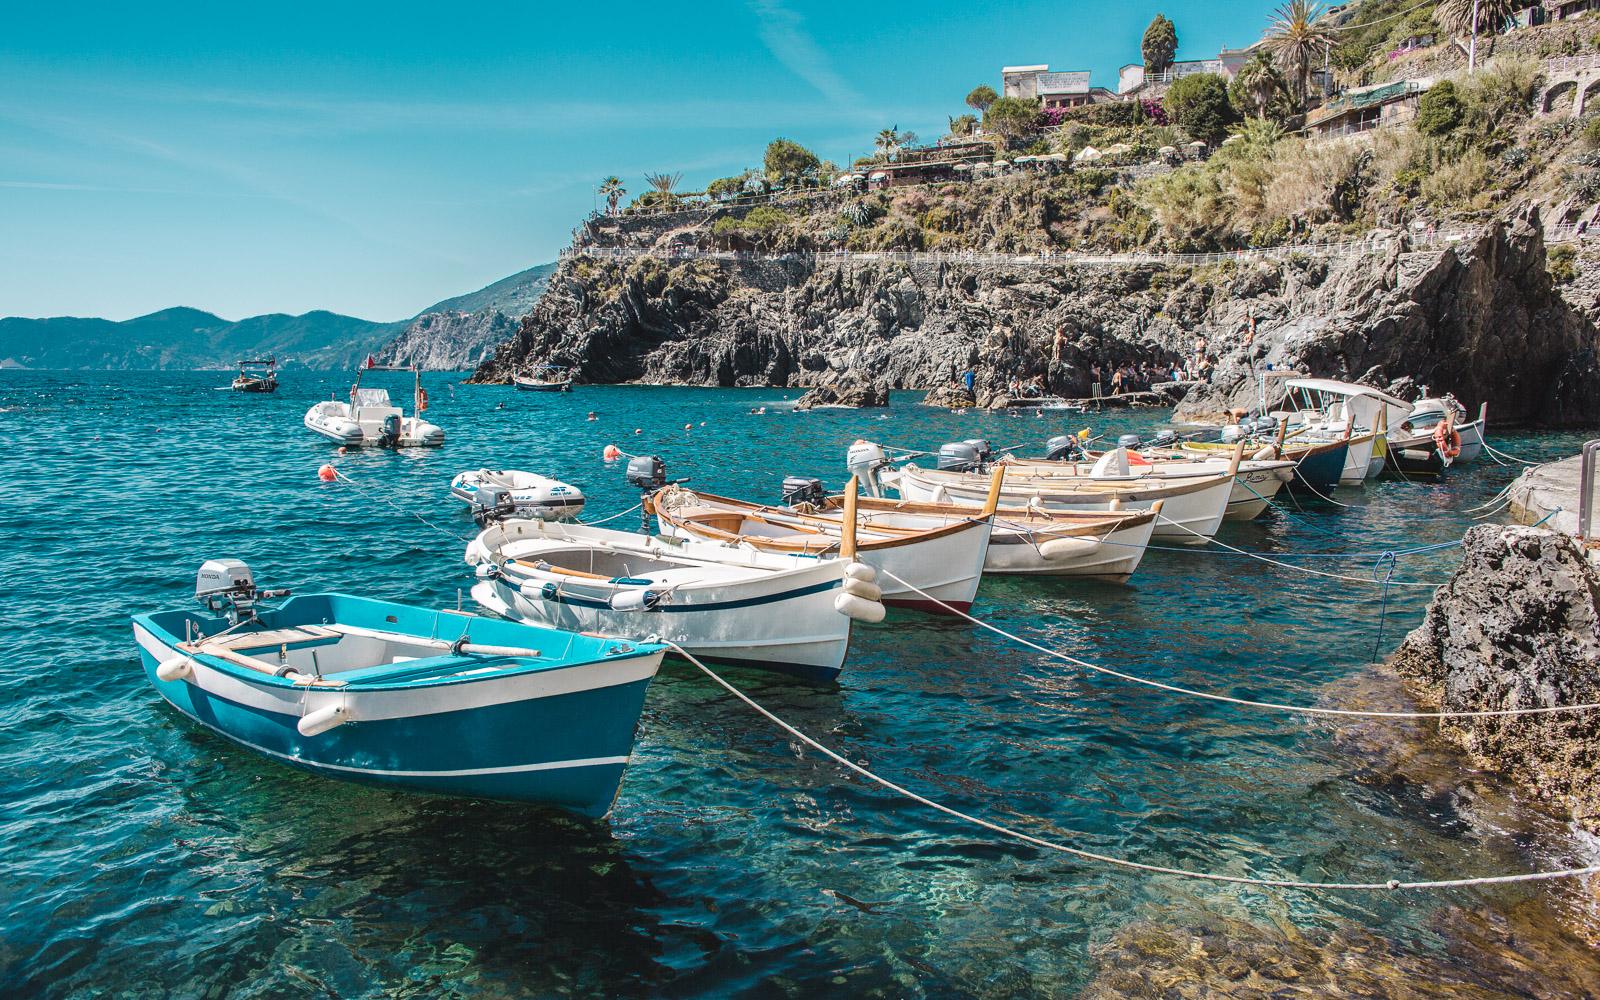 cinque terre boats manarola italy